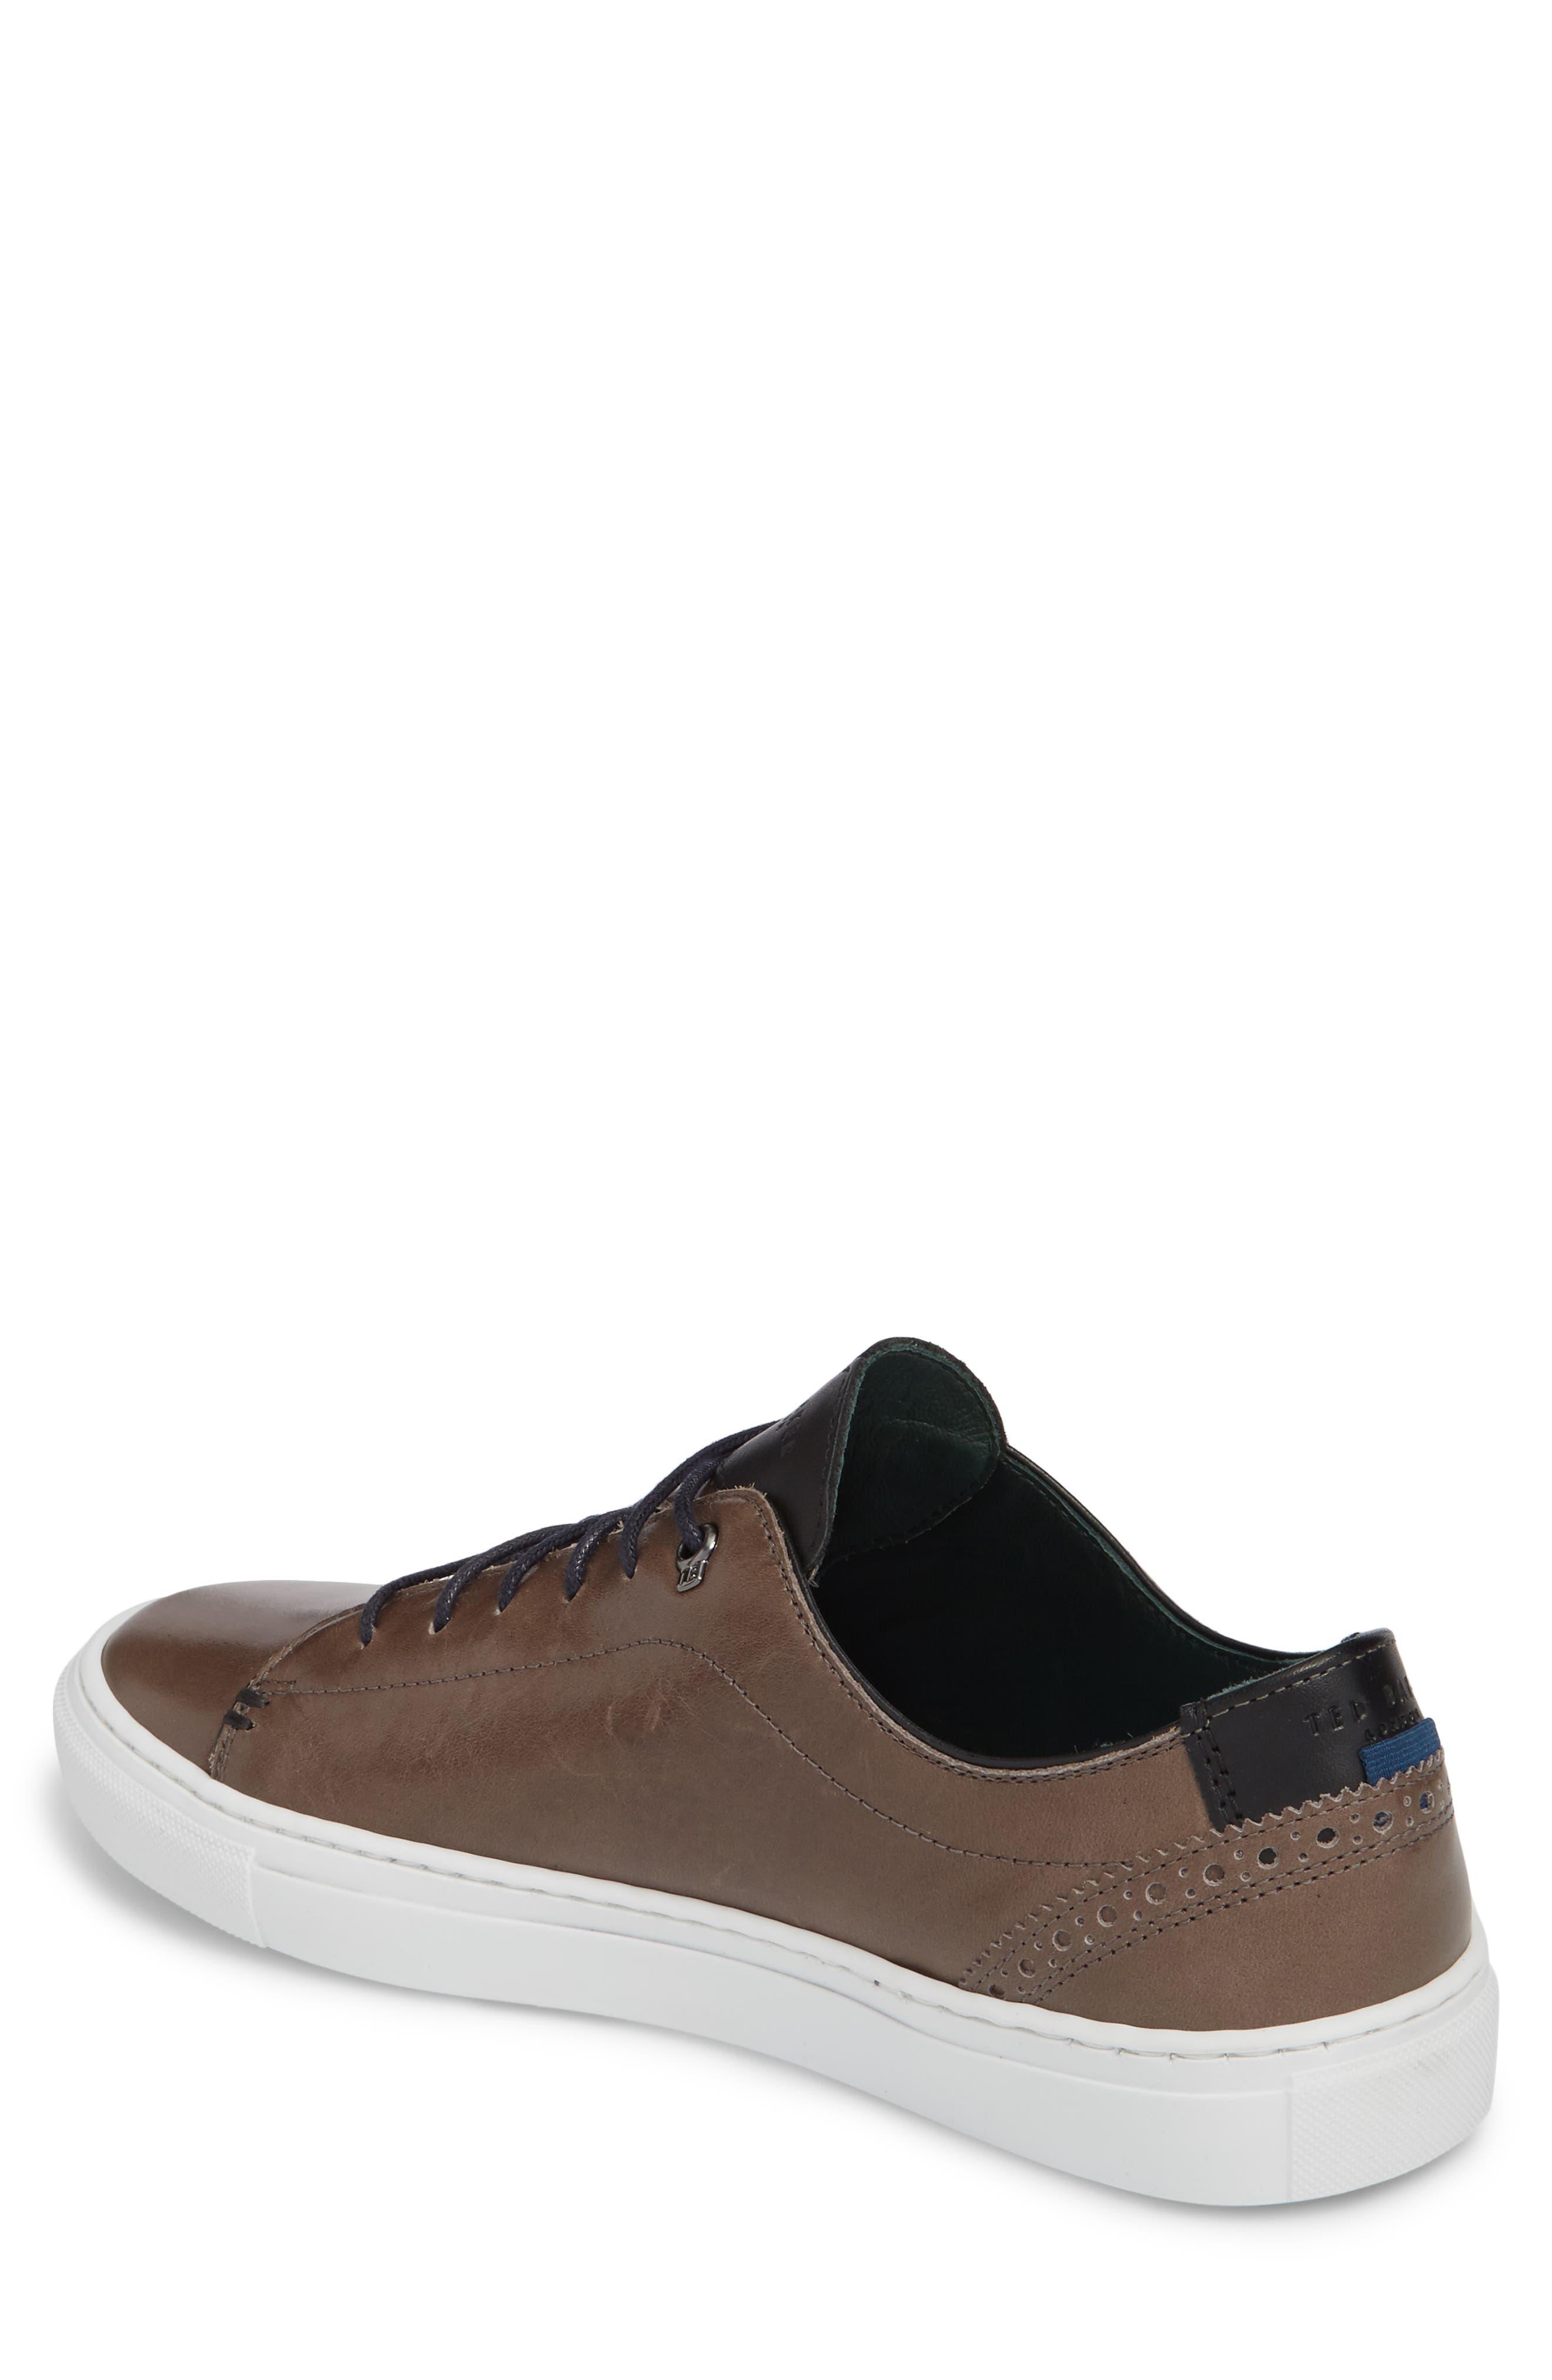 Duuke 2 Sneaker,                             Alternate thumbnail 2, color,                             028